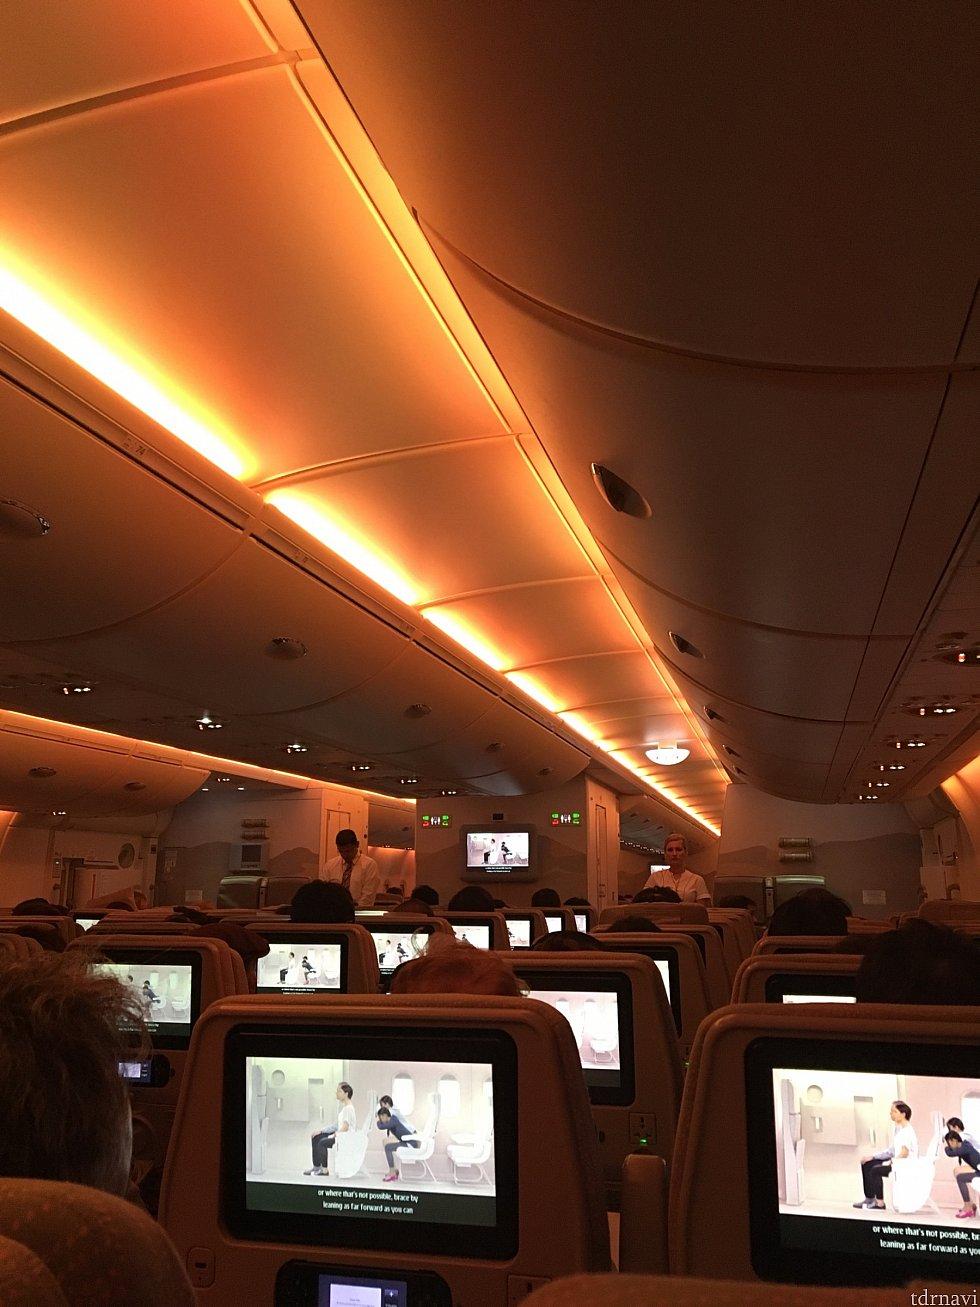 行きの機内です。深夜便なので少し機内暗めです。